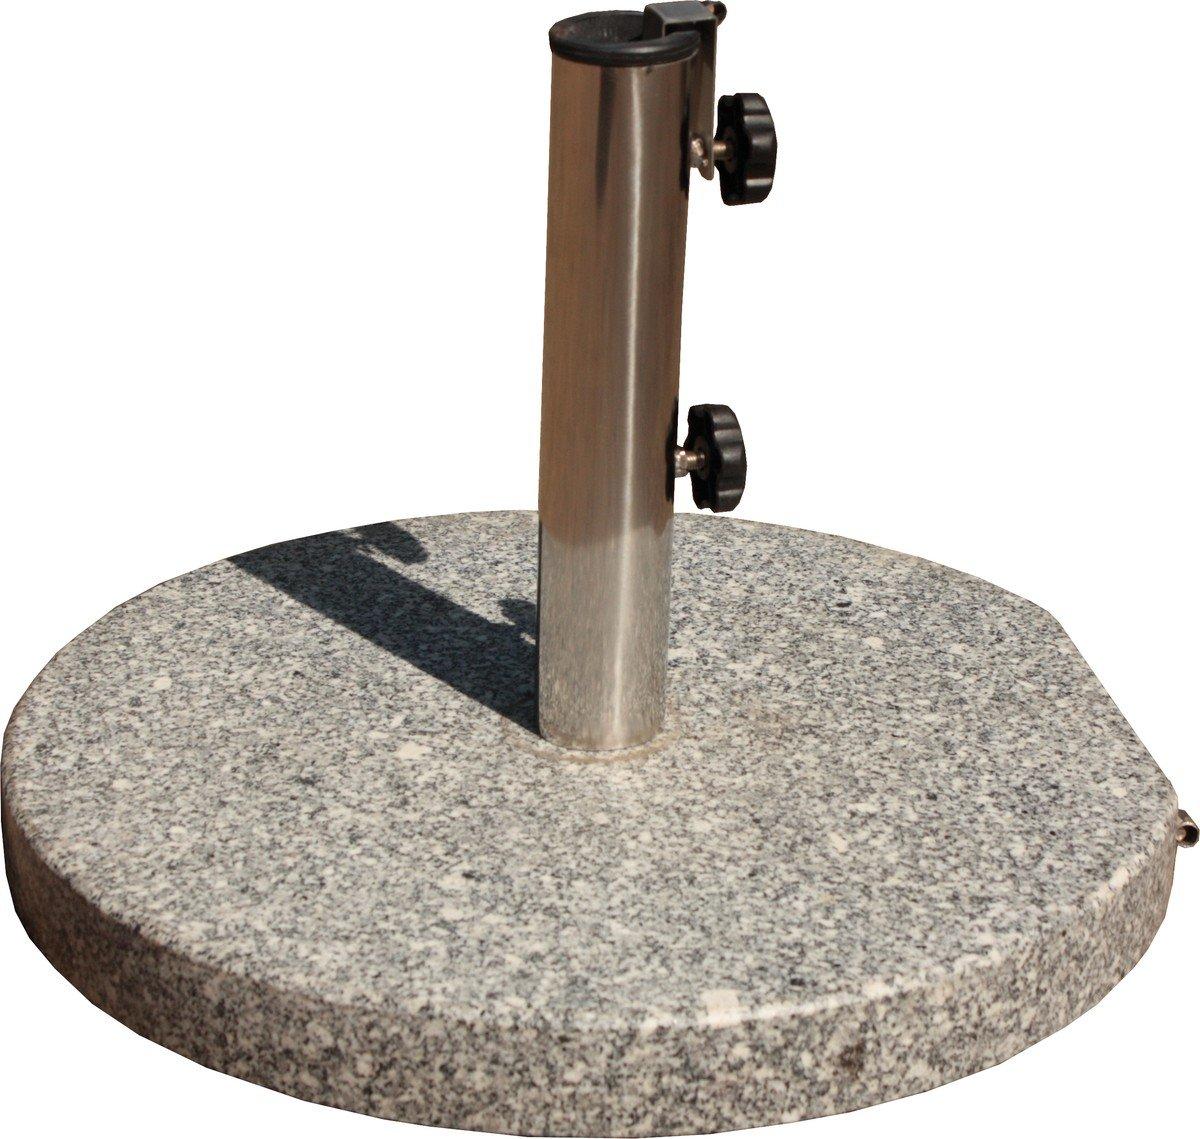 Fun Star Schirmst. Granit 45 Kg 50X50 cm 561 kaufen